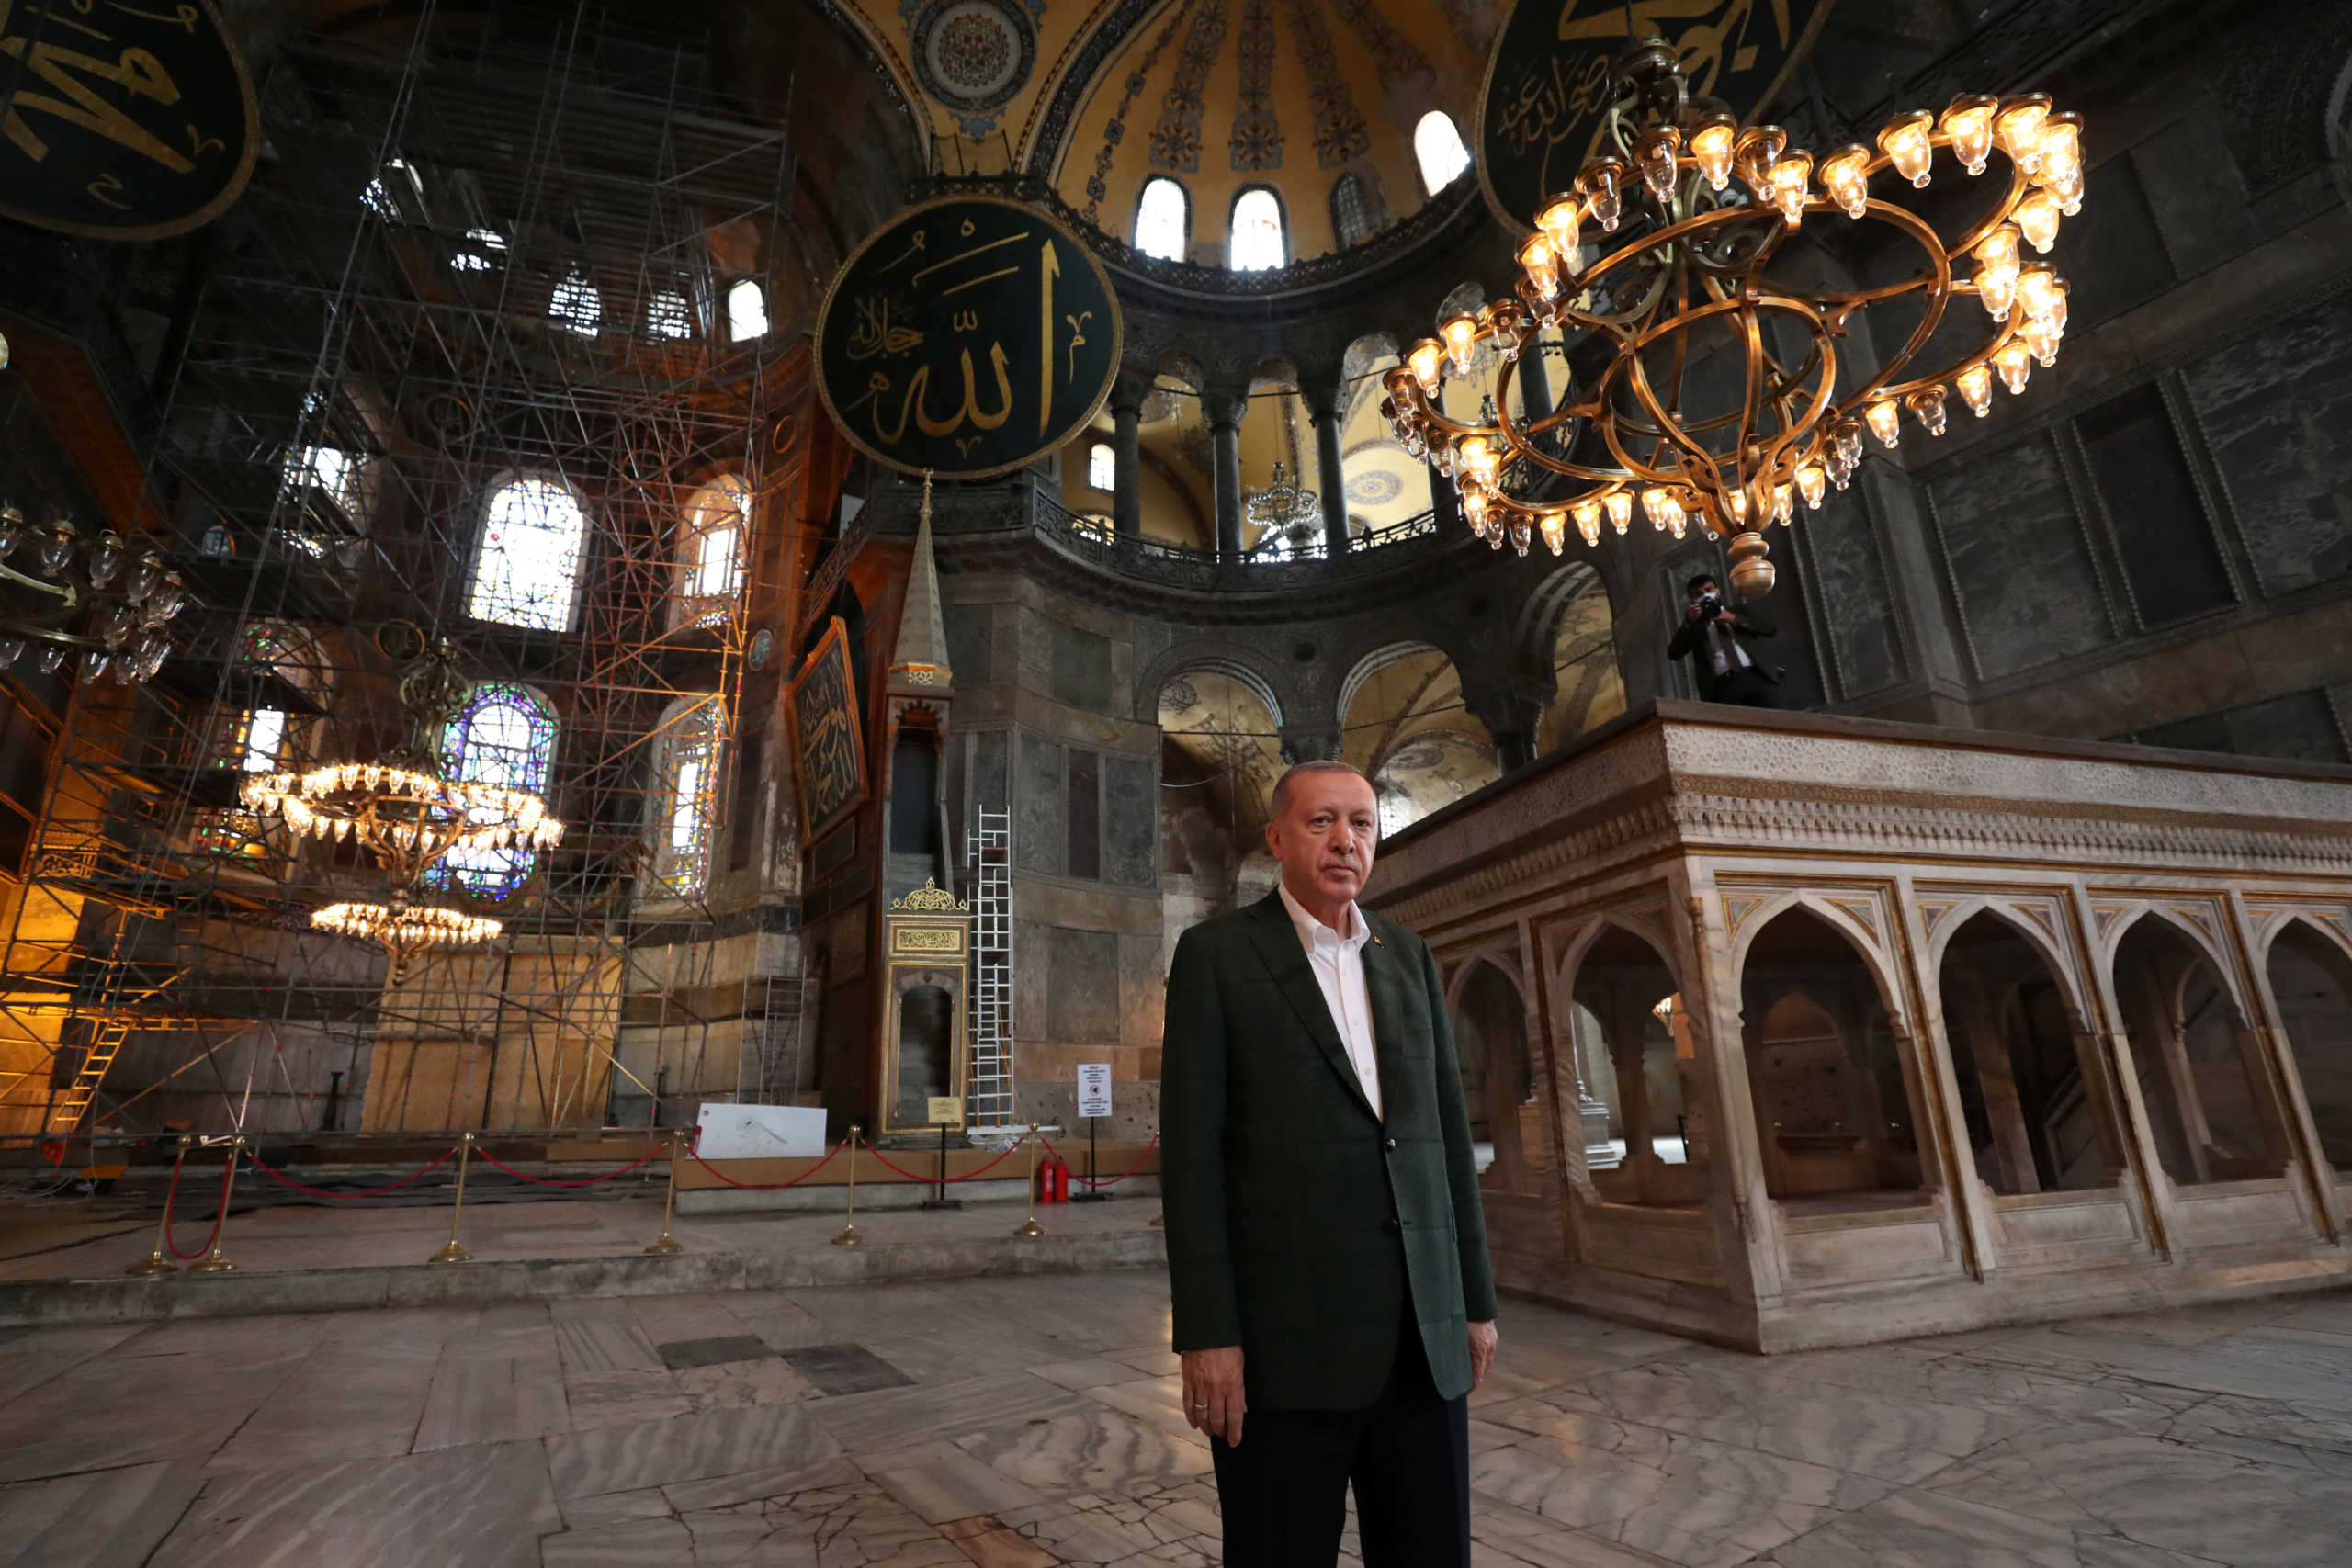 Ερντογάν για Αγιά Σοφιά: Ξανάγινε τζαμί γιατί είναι κληρονομιά κατάκτησης